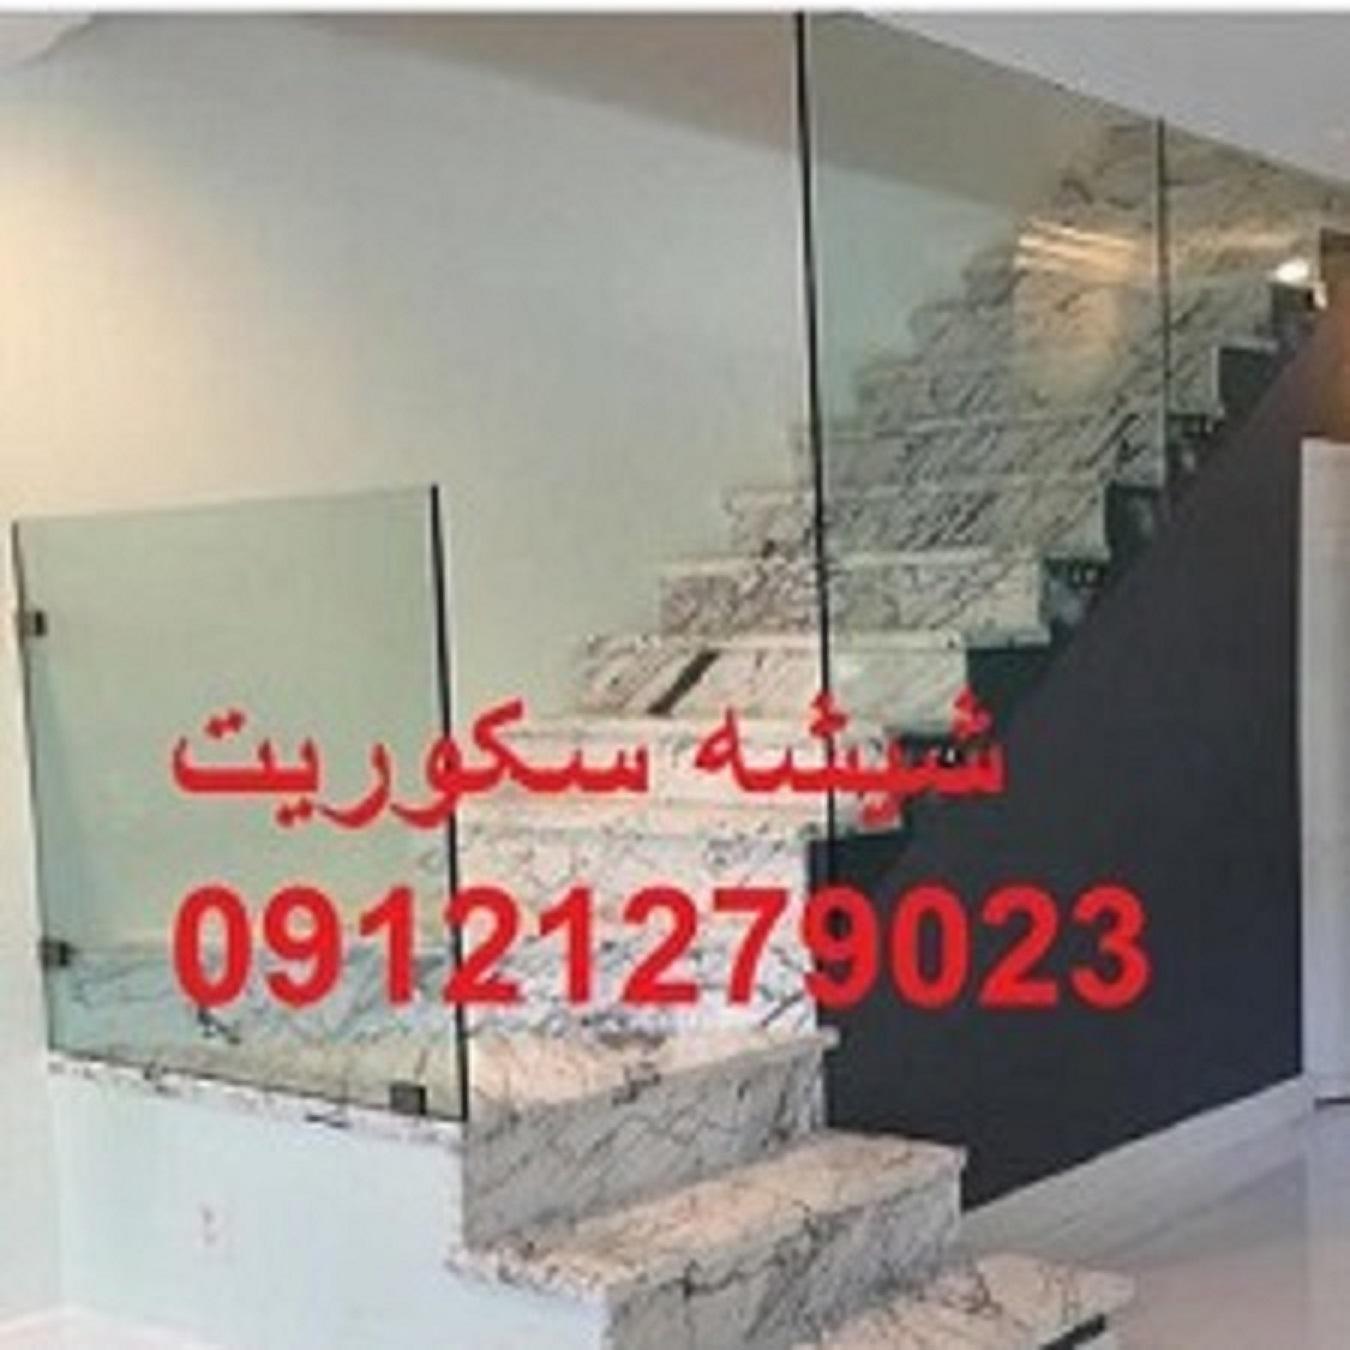 تعمیر. نصب و رگلاژ درب شیشه ای سکوریت (شیشه میرال)09301279023